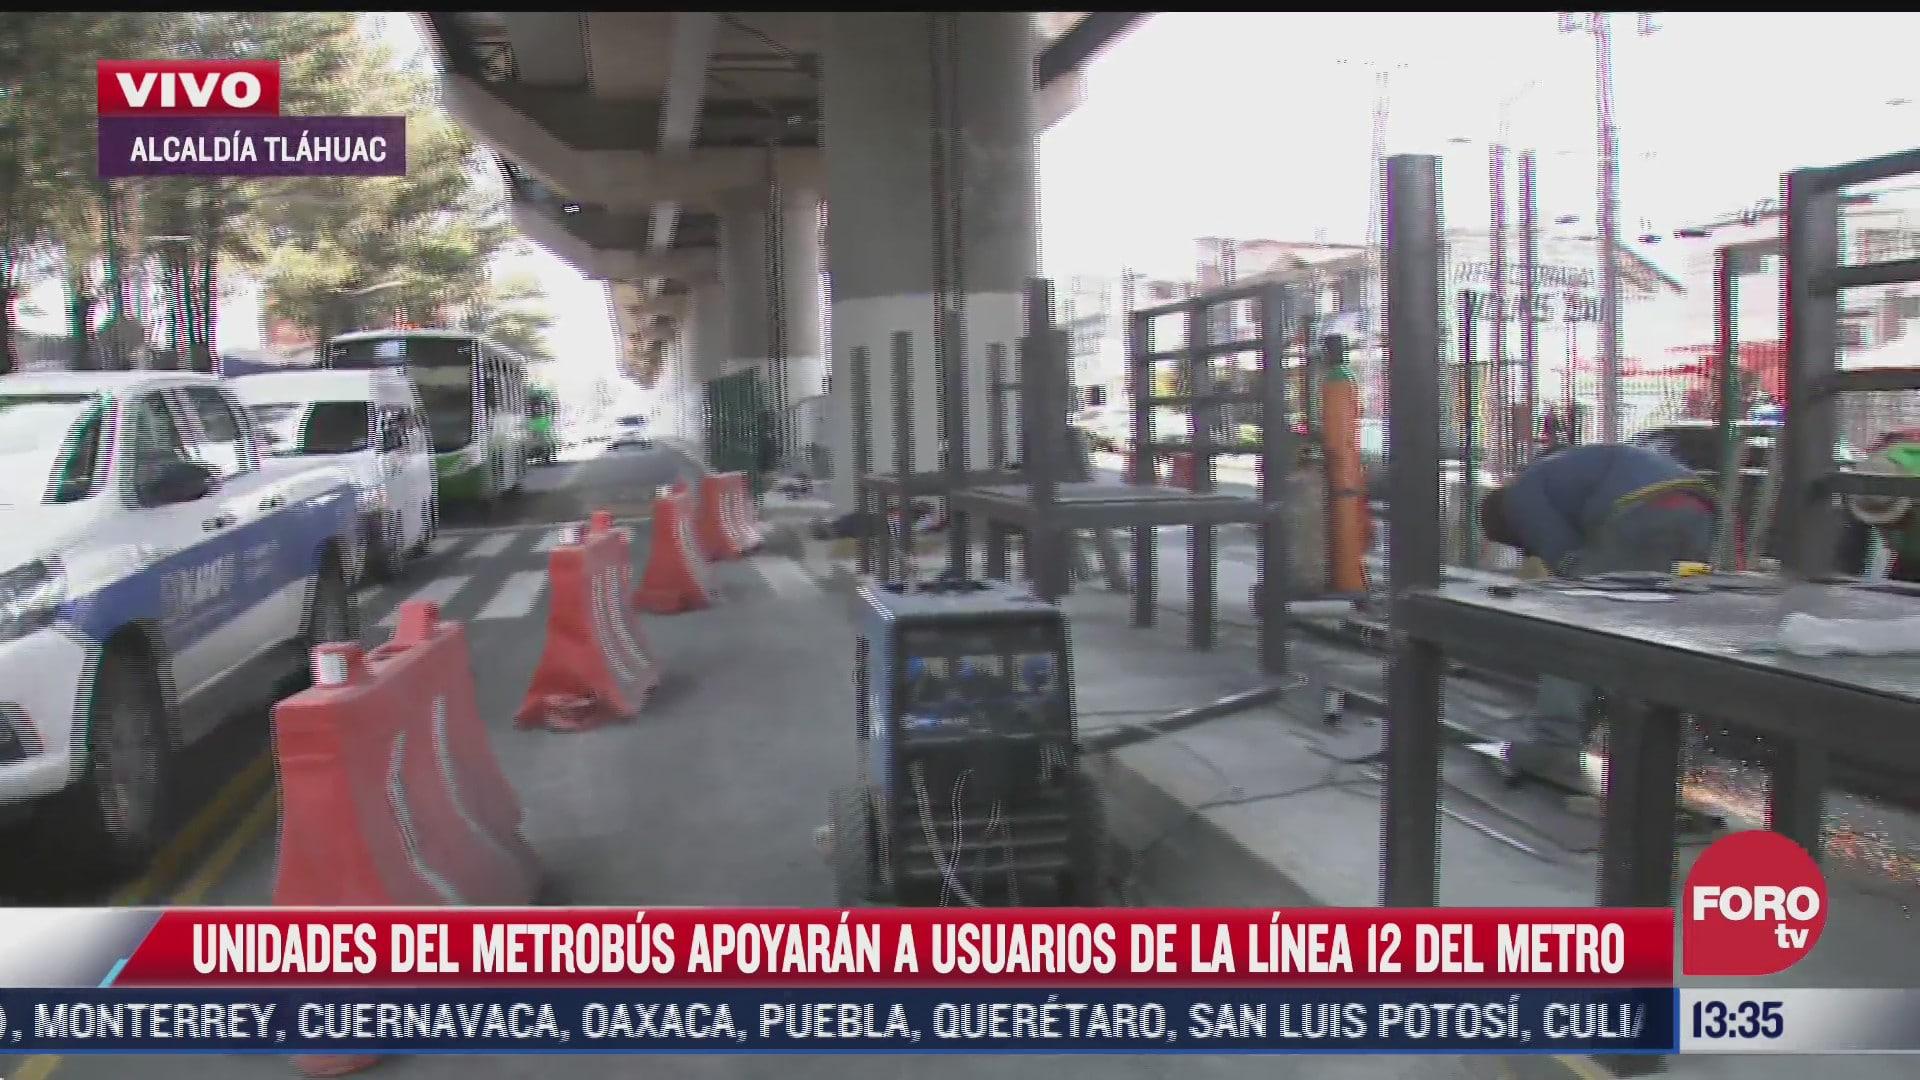 unidades del metrobus apoyaran a usuarios de la linea 12 del metro